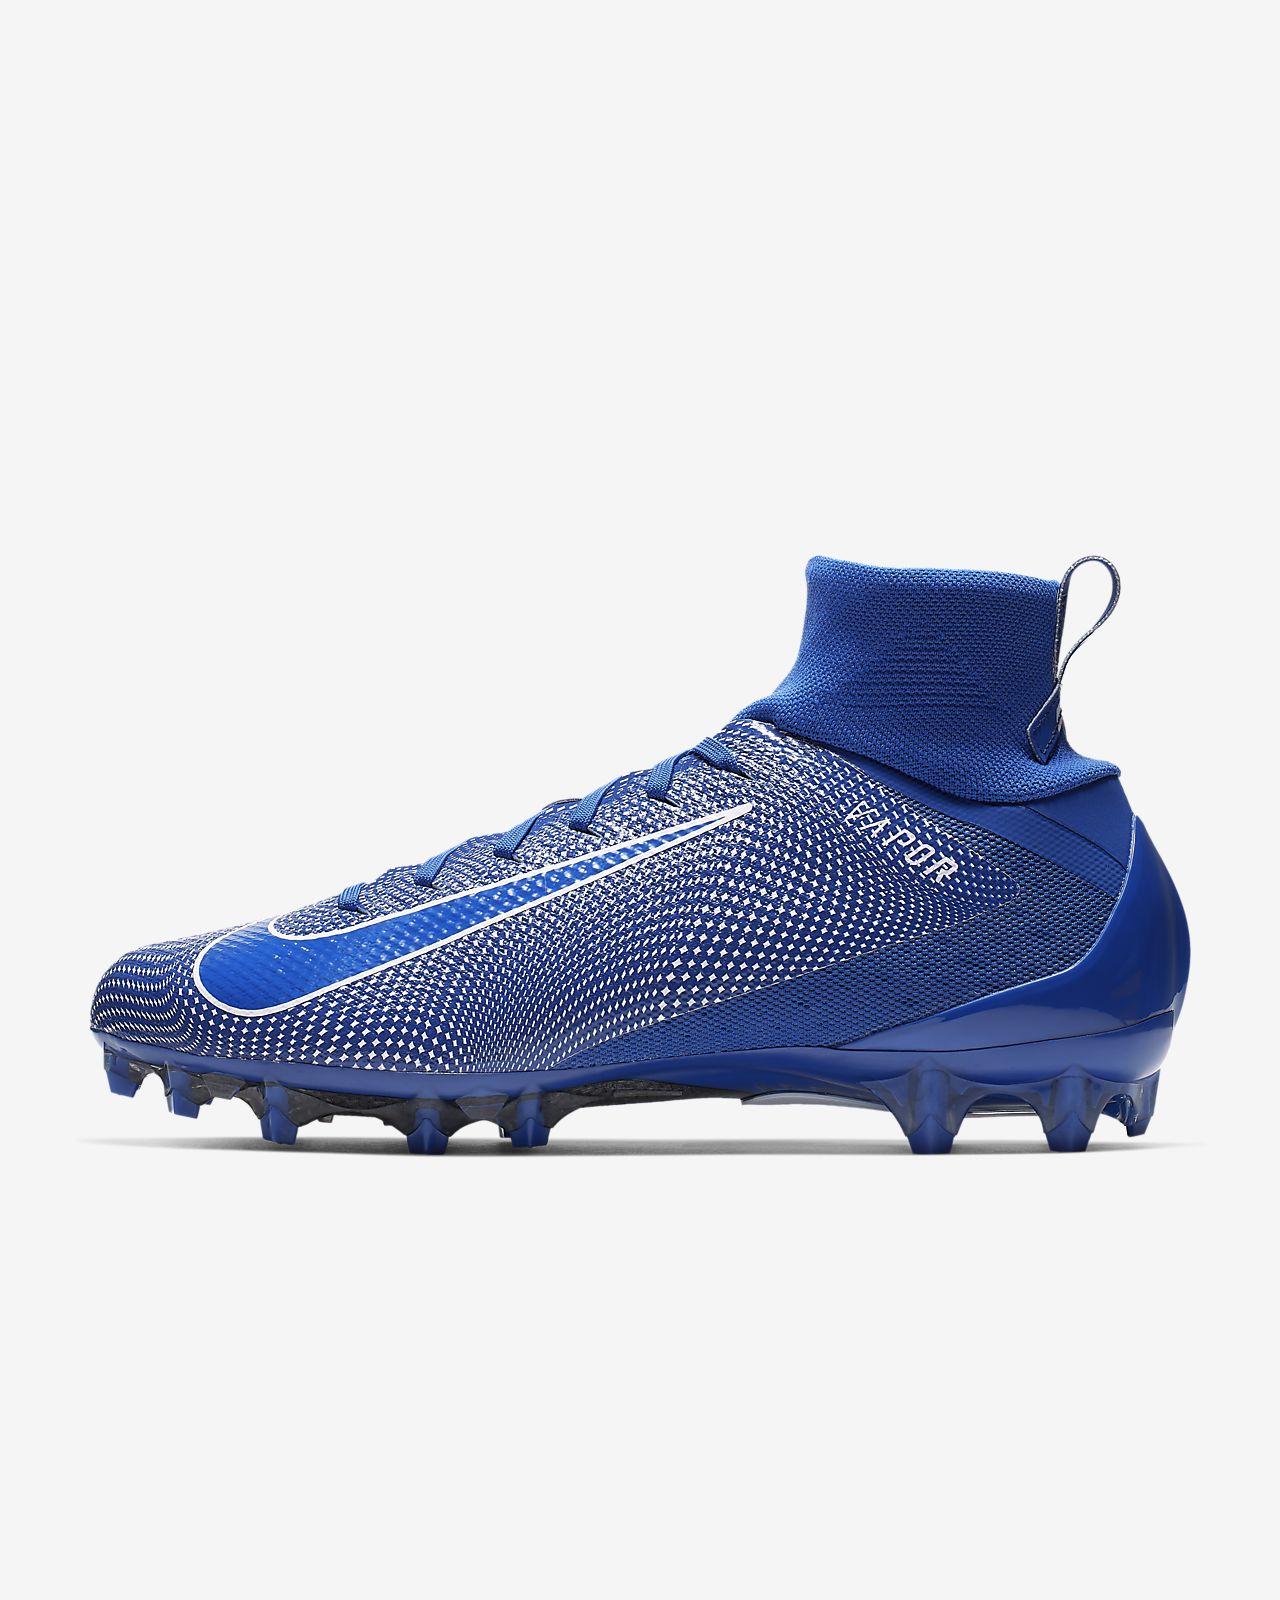 best service 93e22 46710 Football Cleat. Nike Vapor Untouchable 3 Pro